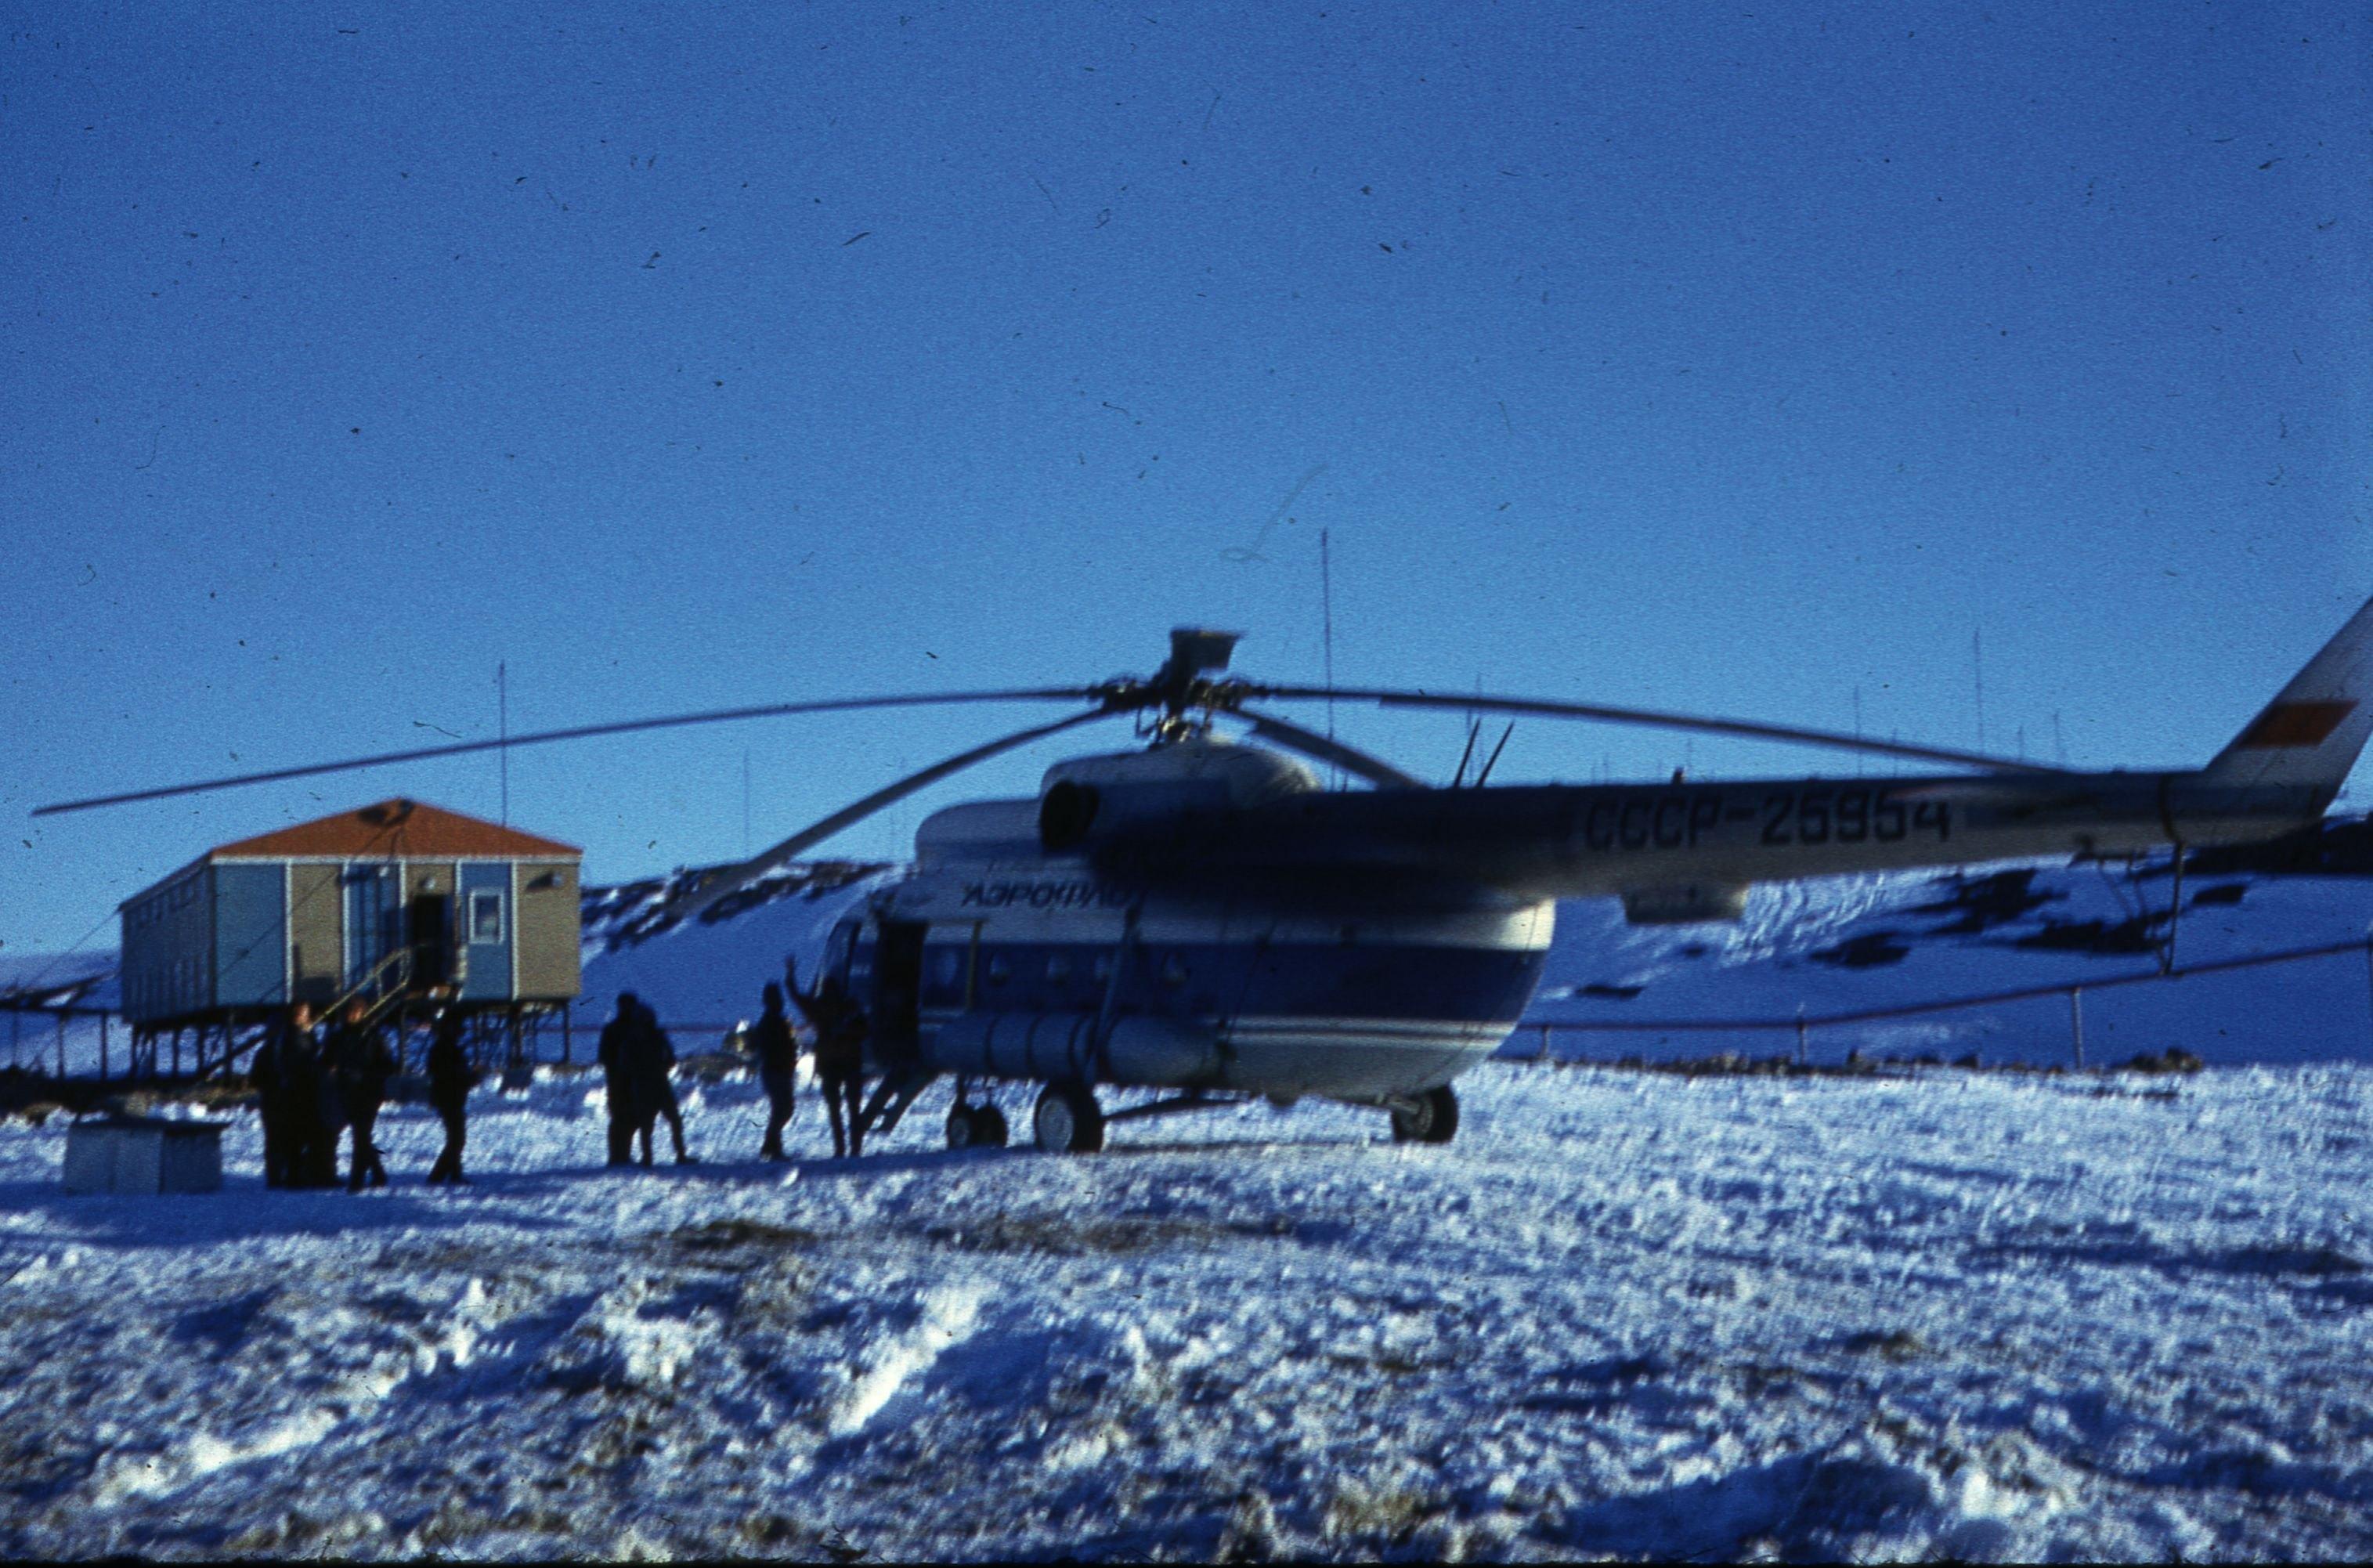 830148 Антарктическая станция _Молодёжная_.jpg